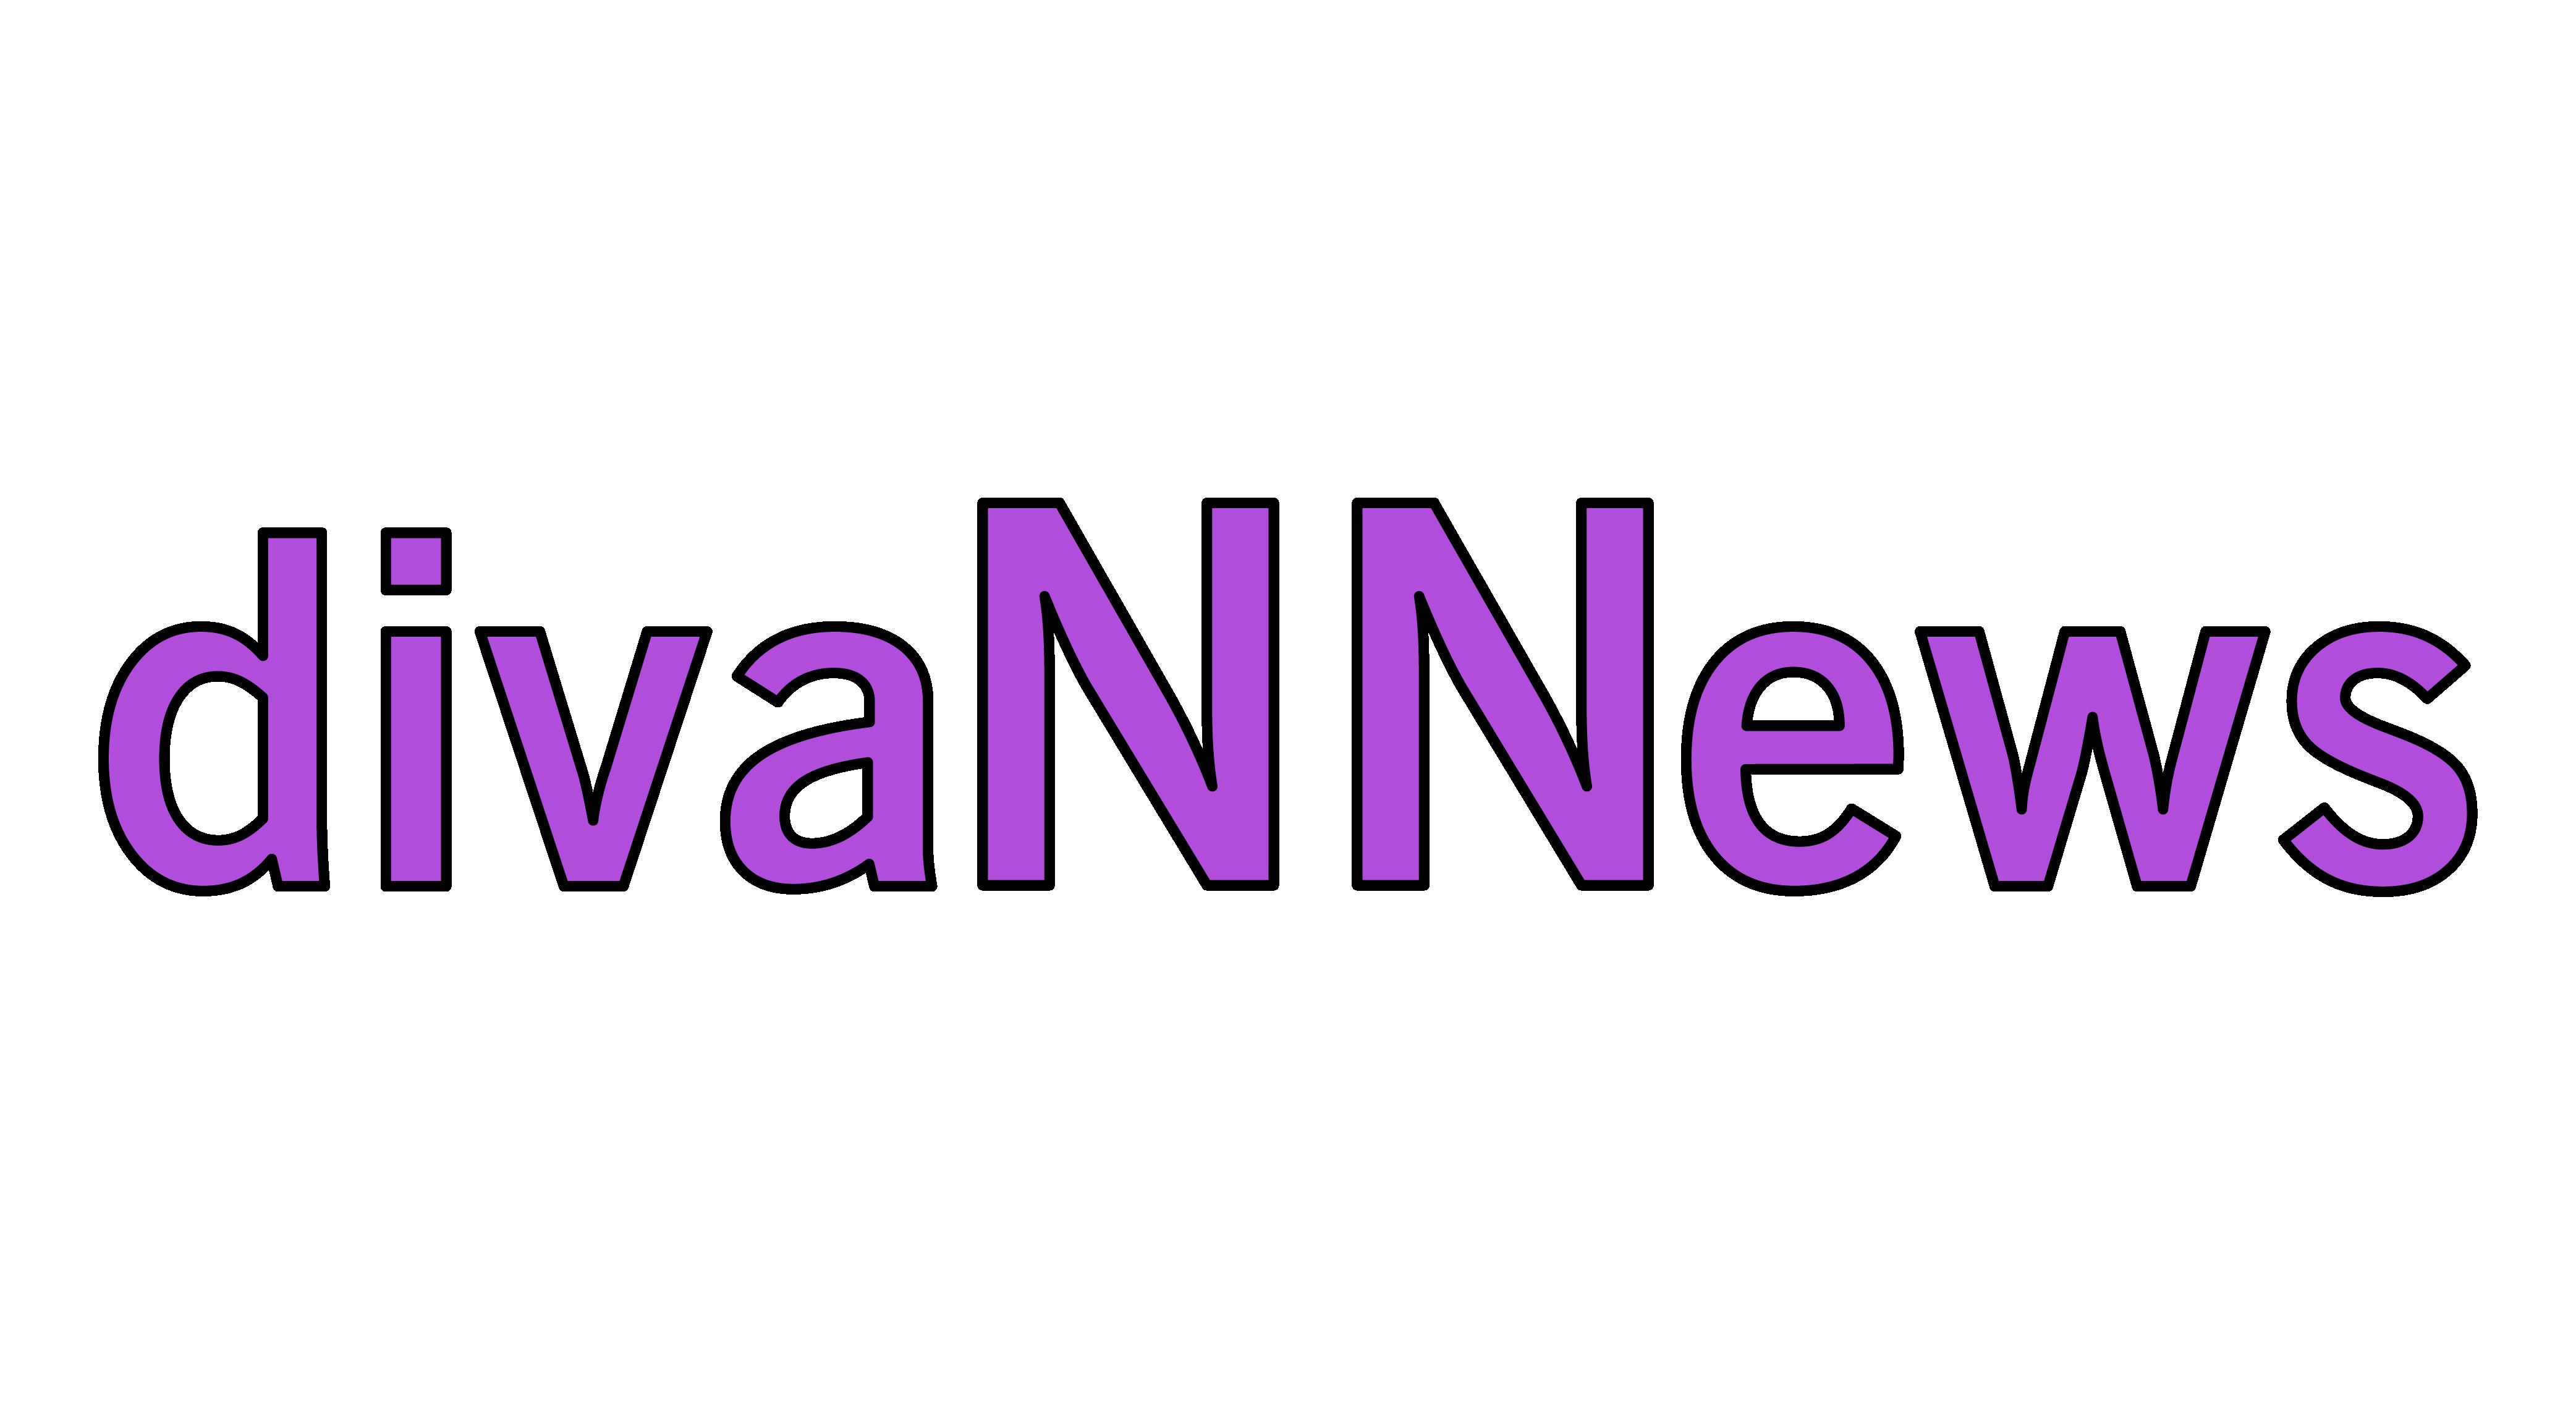 DivanNews